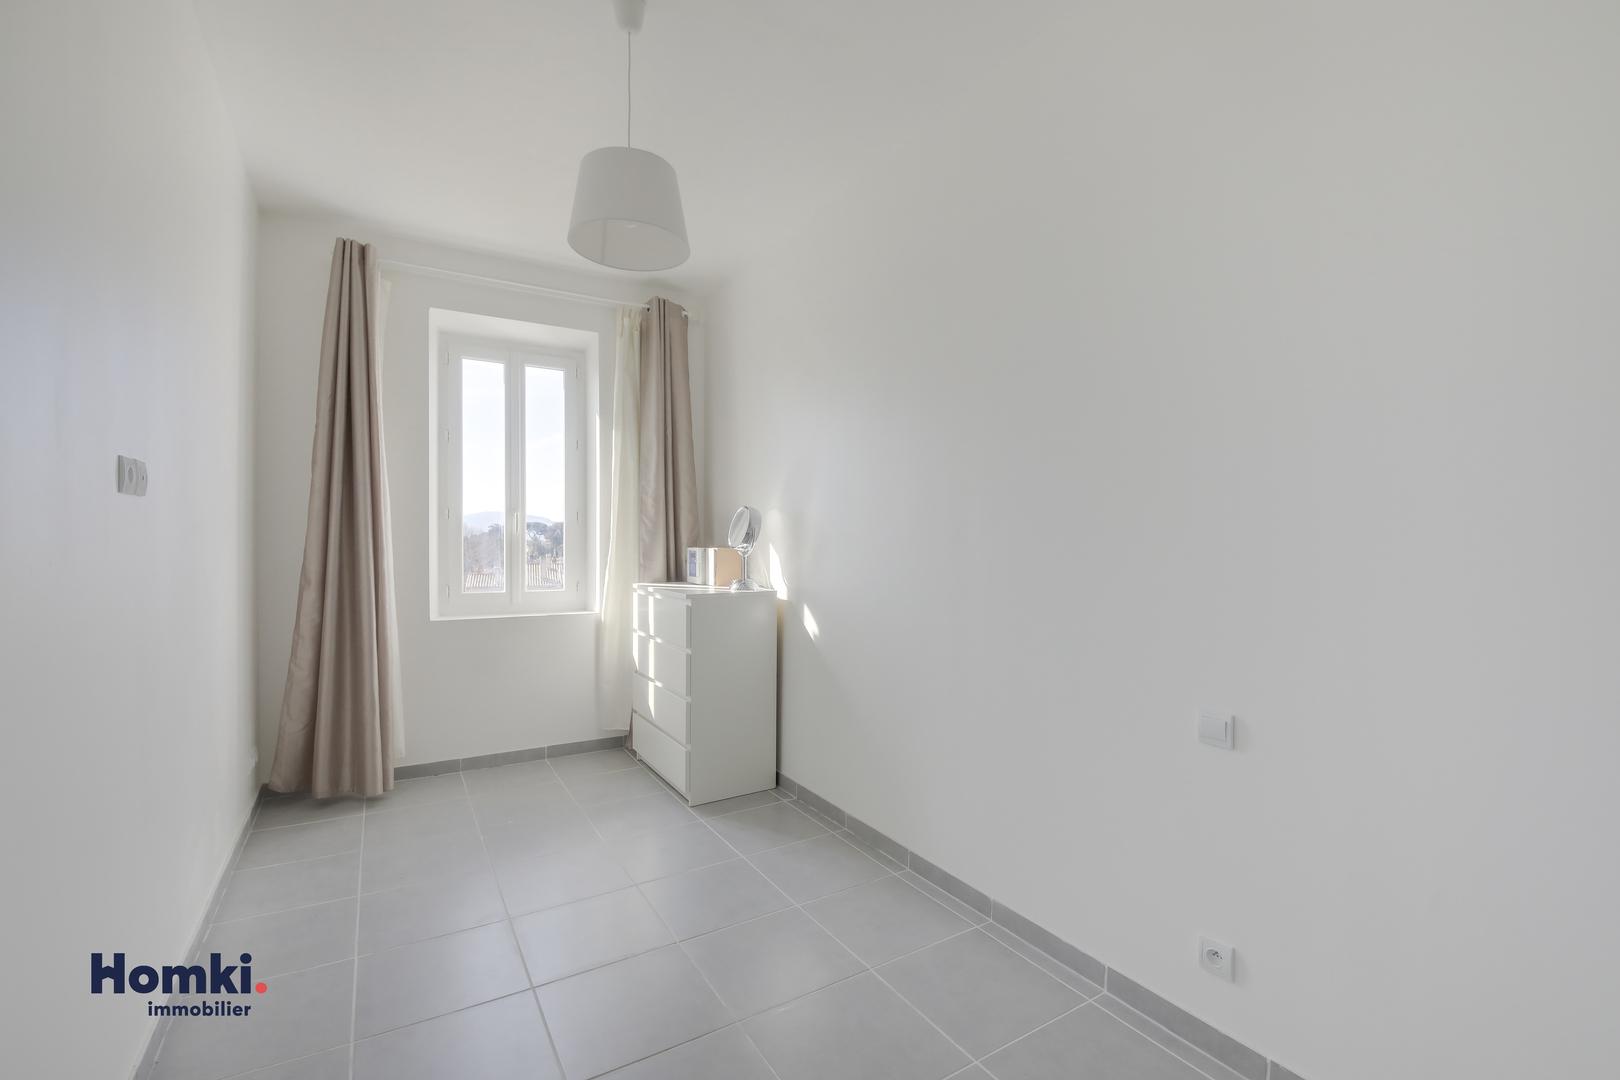 Vente Maison 65 m² T3 13013_8